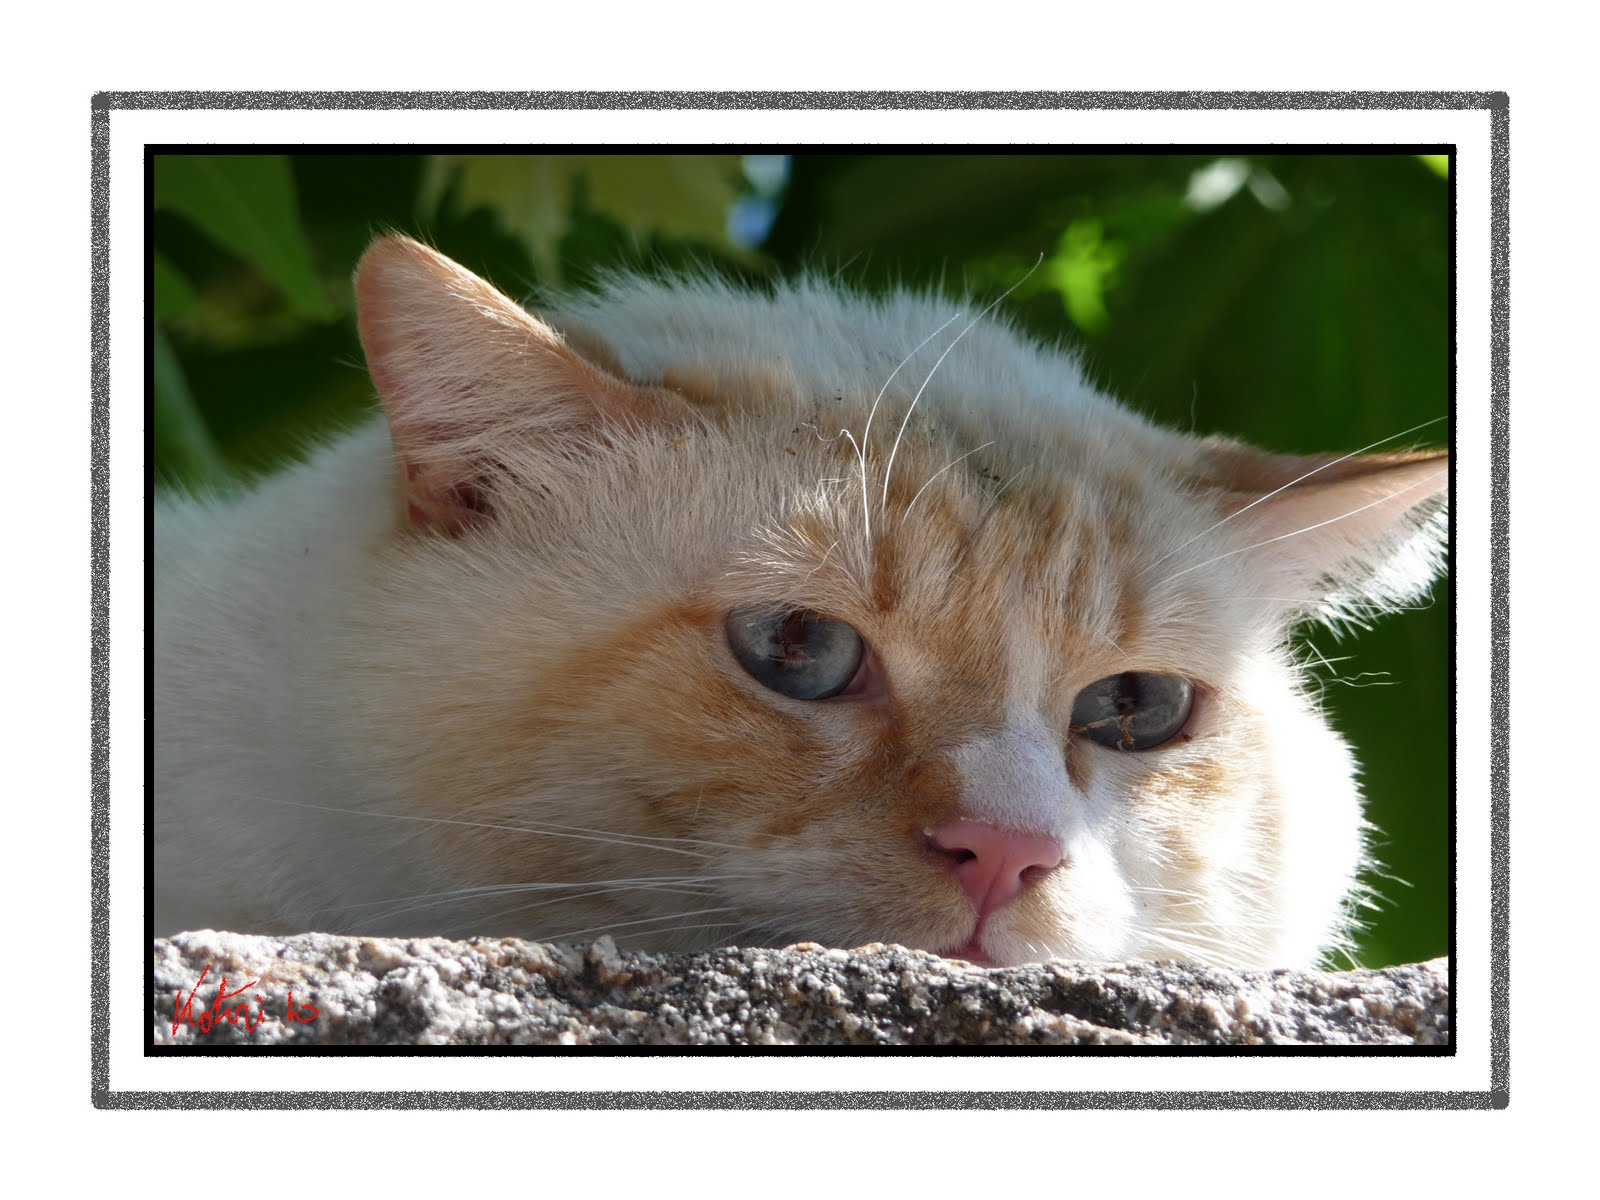 Foto kotori gato asustado for Ahuyentar gatos de mi jardin